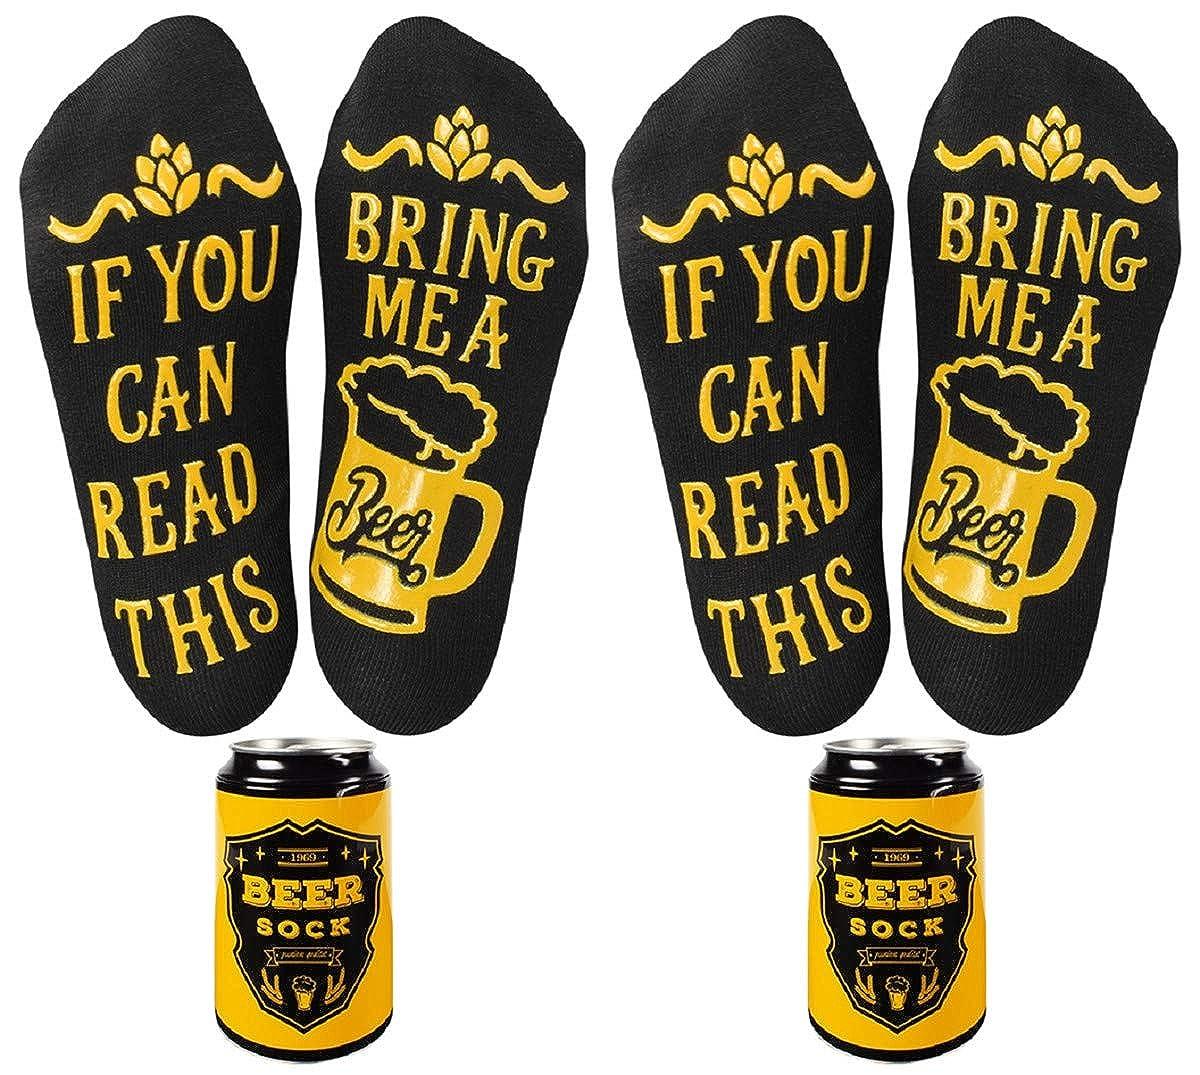 calzini da uomo con lattina di birra con scritta in lingua inglese If you can read this bring me a beer lingua italiana non garantita Tuopuda